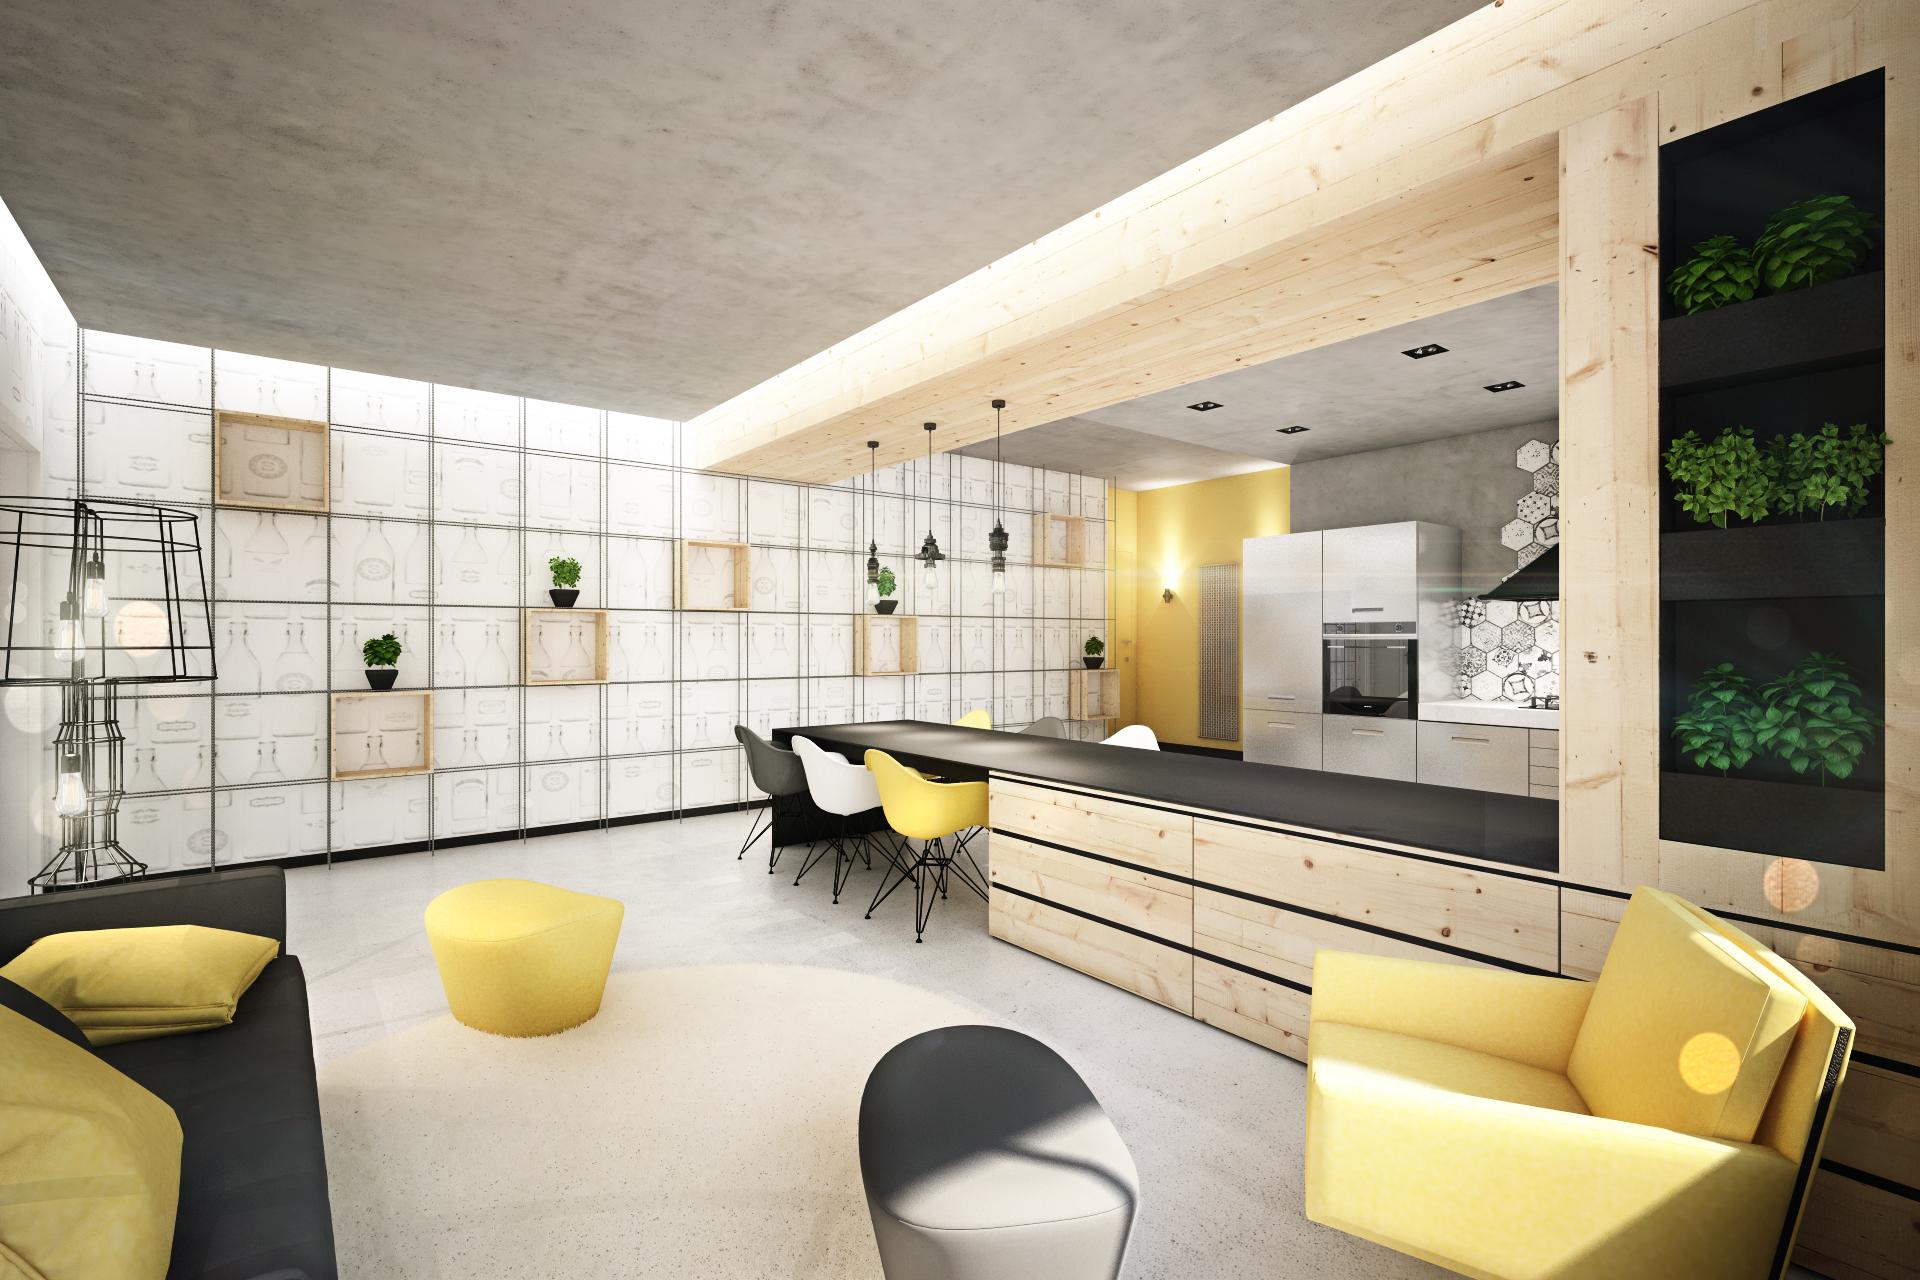 Интерьер маленькой квартиры с жёлтыми и чёрными акцентами